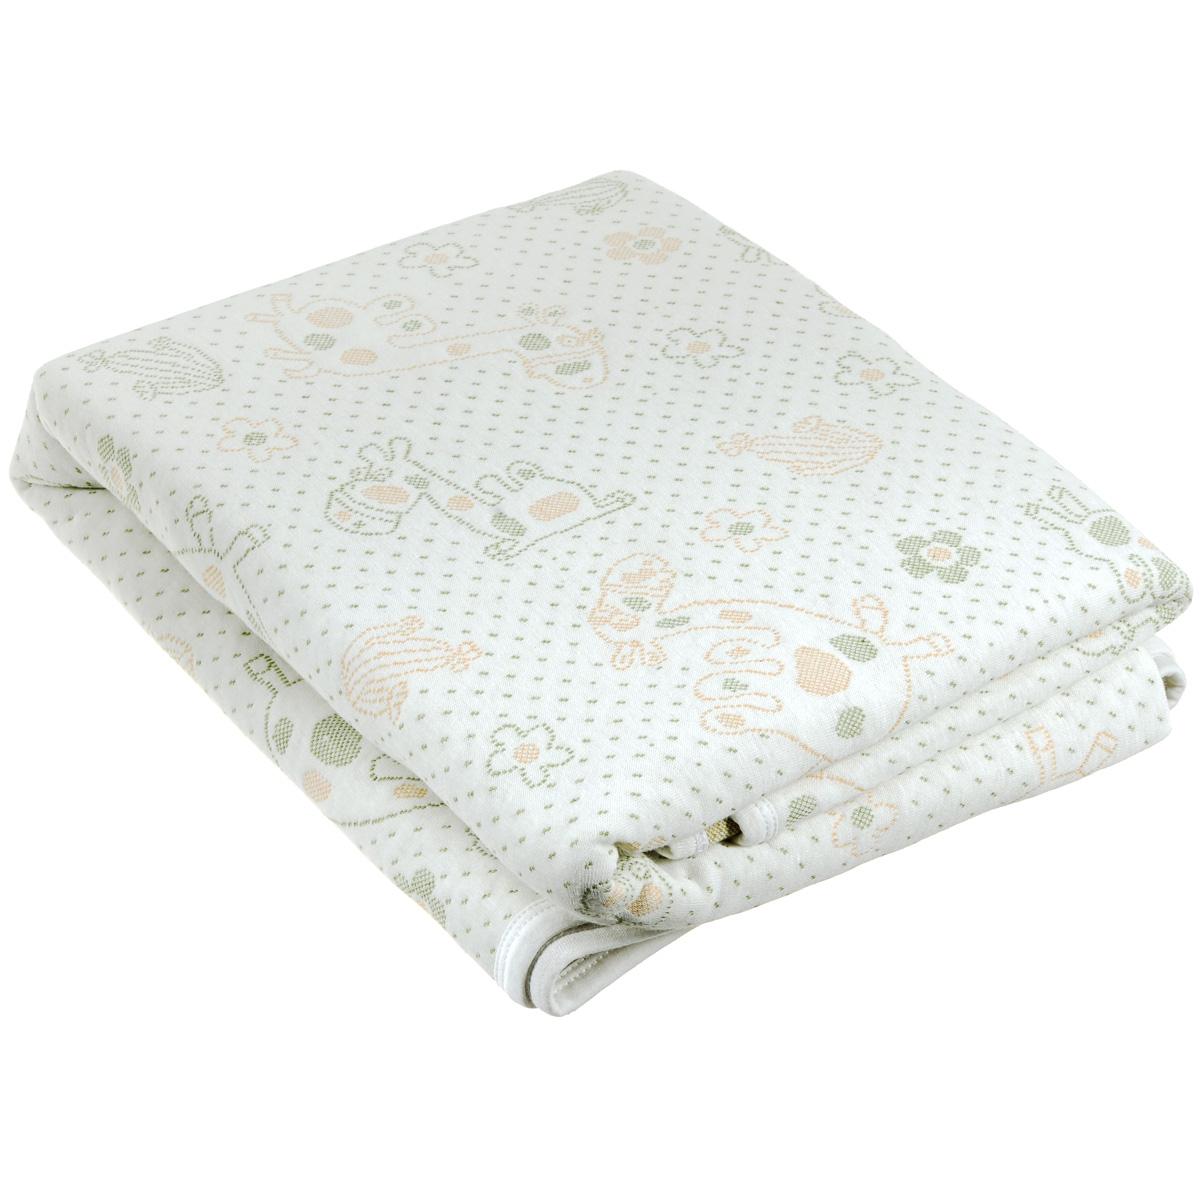 Плед-одеяло детский Baby Nice Верблюды, стеганый, цвет: бежевый, 100 см x 140 смQ317475Стеганый детский плед-одеяло Baby Nice Верблюды, изготовленный из мягкого натурального 100% хлопка, оформлен оригинальным рисунком. Плед-одеяло для новорожденных из мягкого и дышащего хлопка идеально подходит для комфортного сна малыша. Утеплитель нового поколения microfiber, помещенный между трикотажными полотнами с обеих сторон, делает изделие мягким, легким и одновременно теплым, создавая вашему малышу ощущение свежести и комфорта.Одеяло хорошо пропускает воздух и позволяет коже дышать, предотвращая повышенное потоотделение. Изделие сохраняет свои свойства даже после многочисленных стирок, быстро сохнет и не требует глажки. Во время прогулки такой плед послужит легким одеялом в коляску.